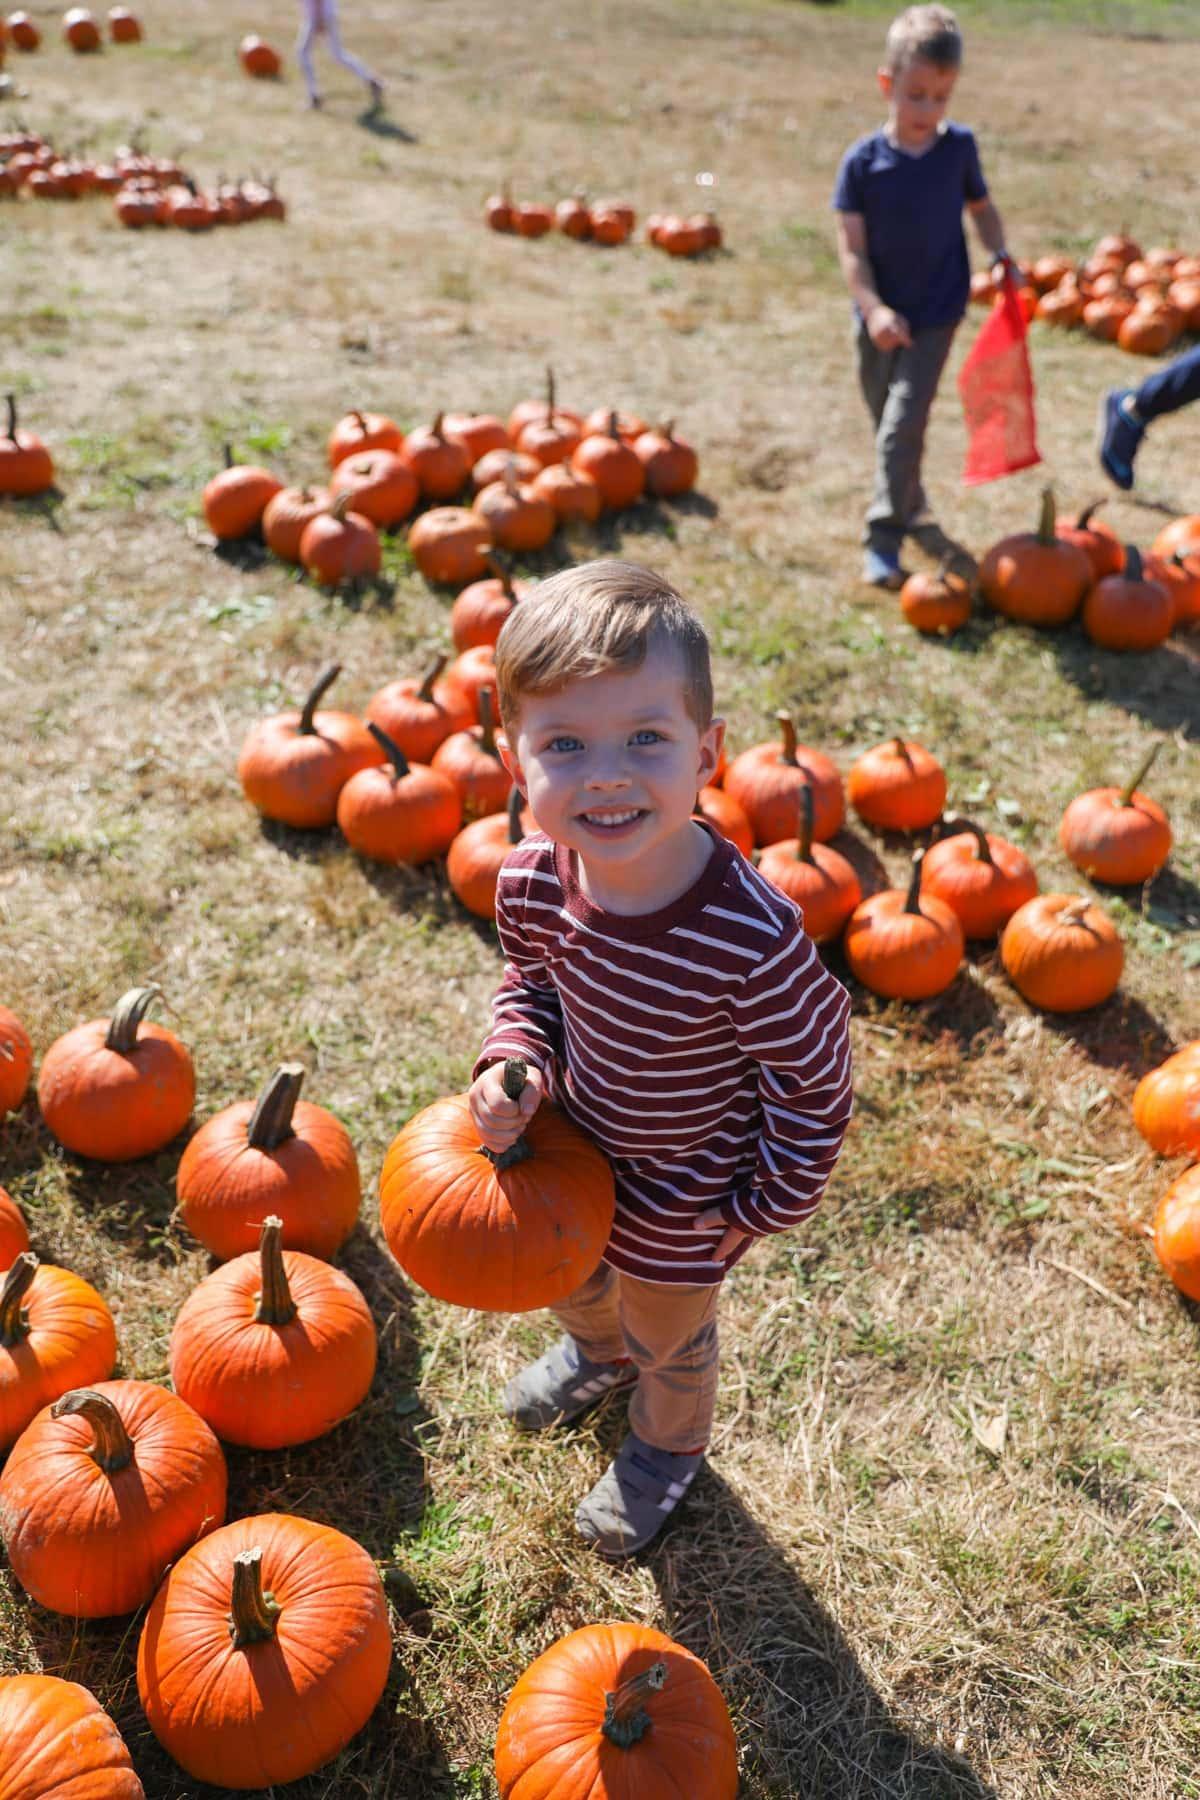 Eddie in a field of pumpkins